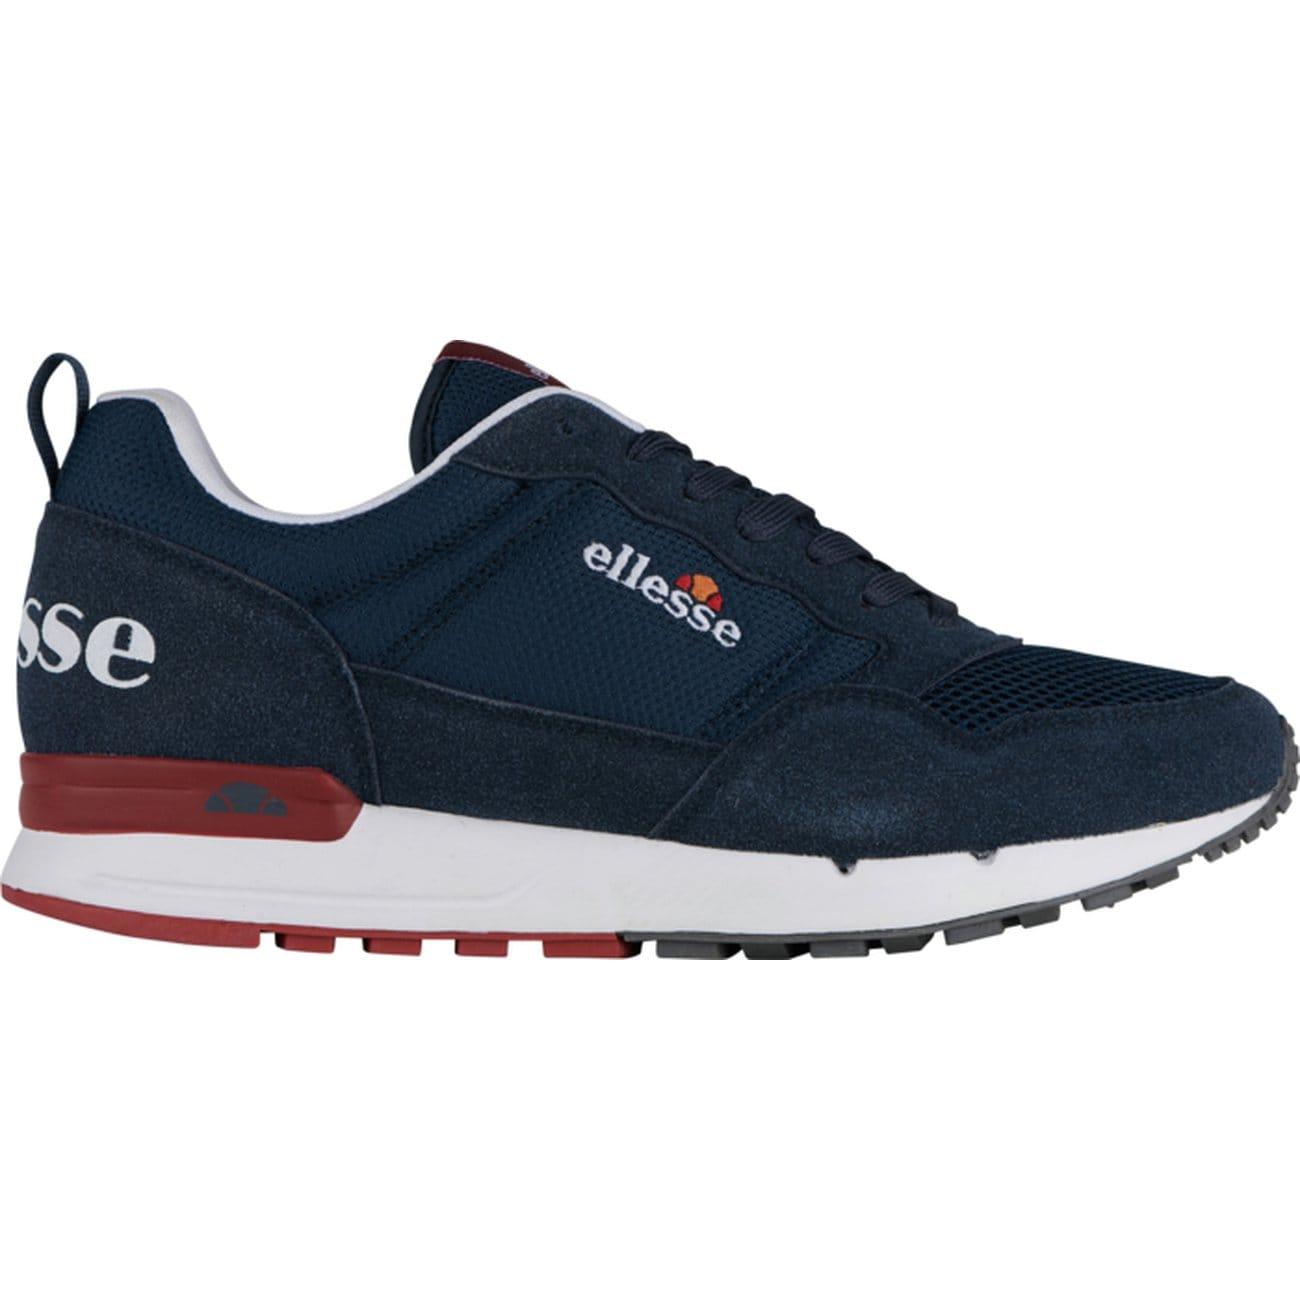 Sélection d'articles en promotion - Ex : Chaussures Ellesse Karl 2 - Tailles 40 à 46